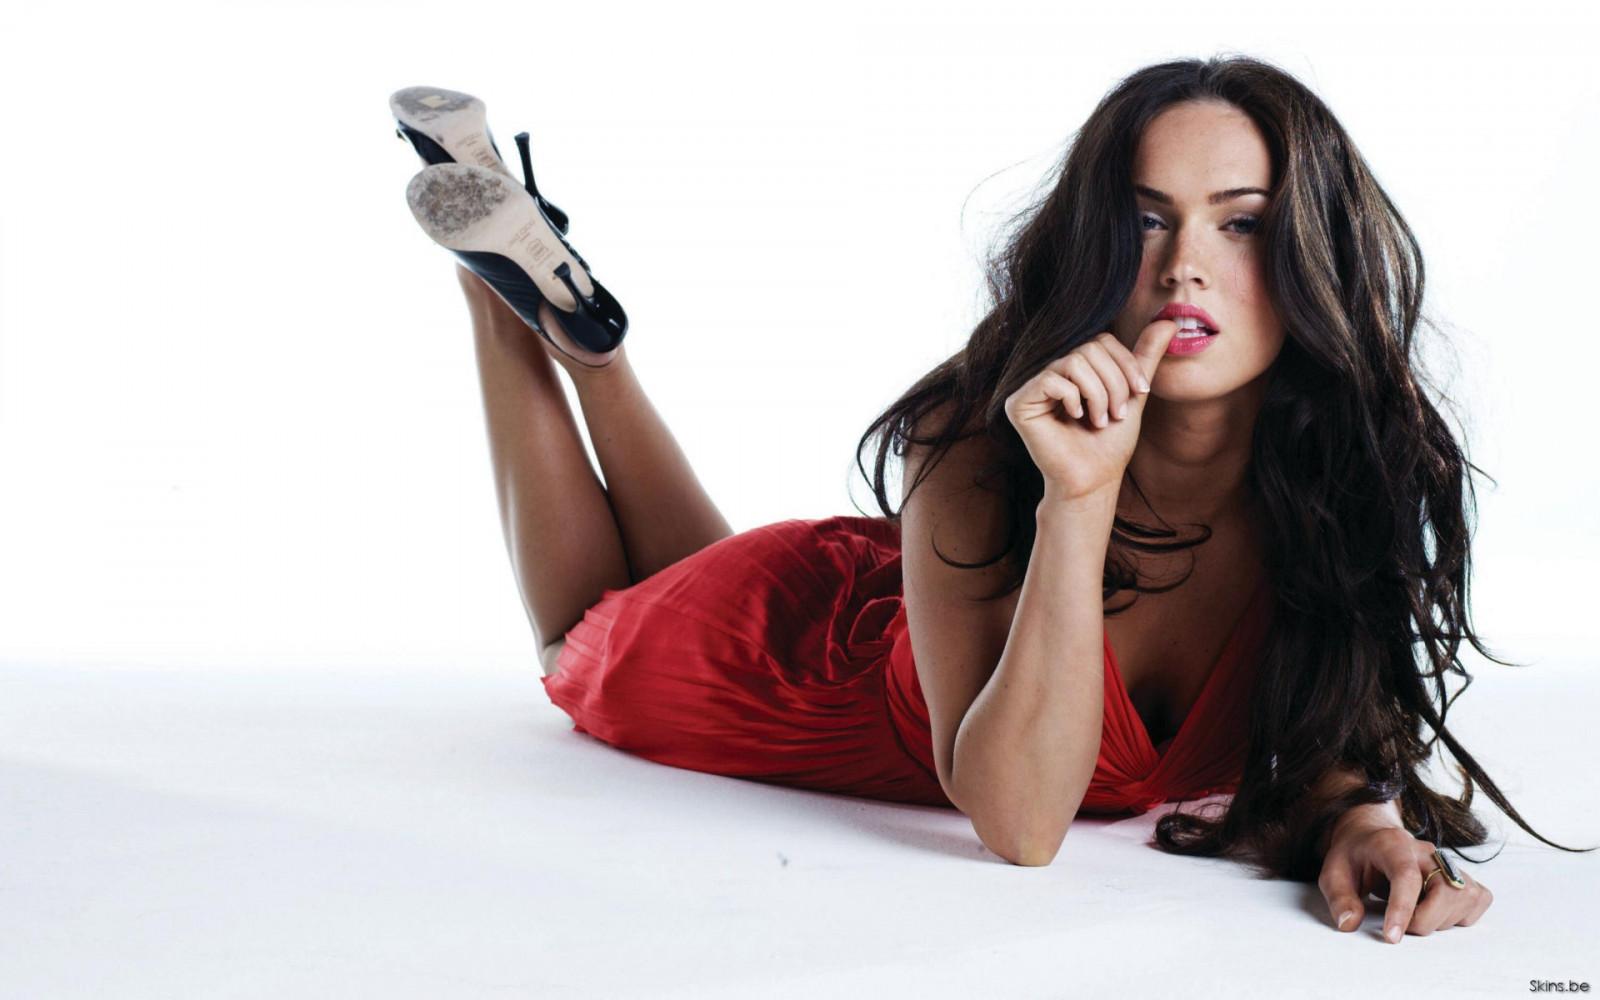 c10793d4b34 Wallpaper : women, long hair, sitting, high heels, photography ...